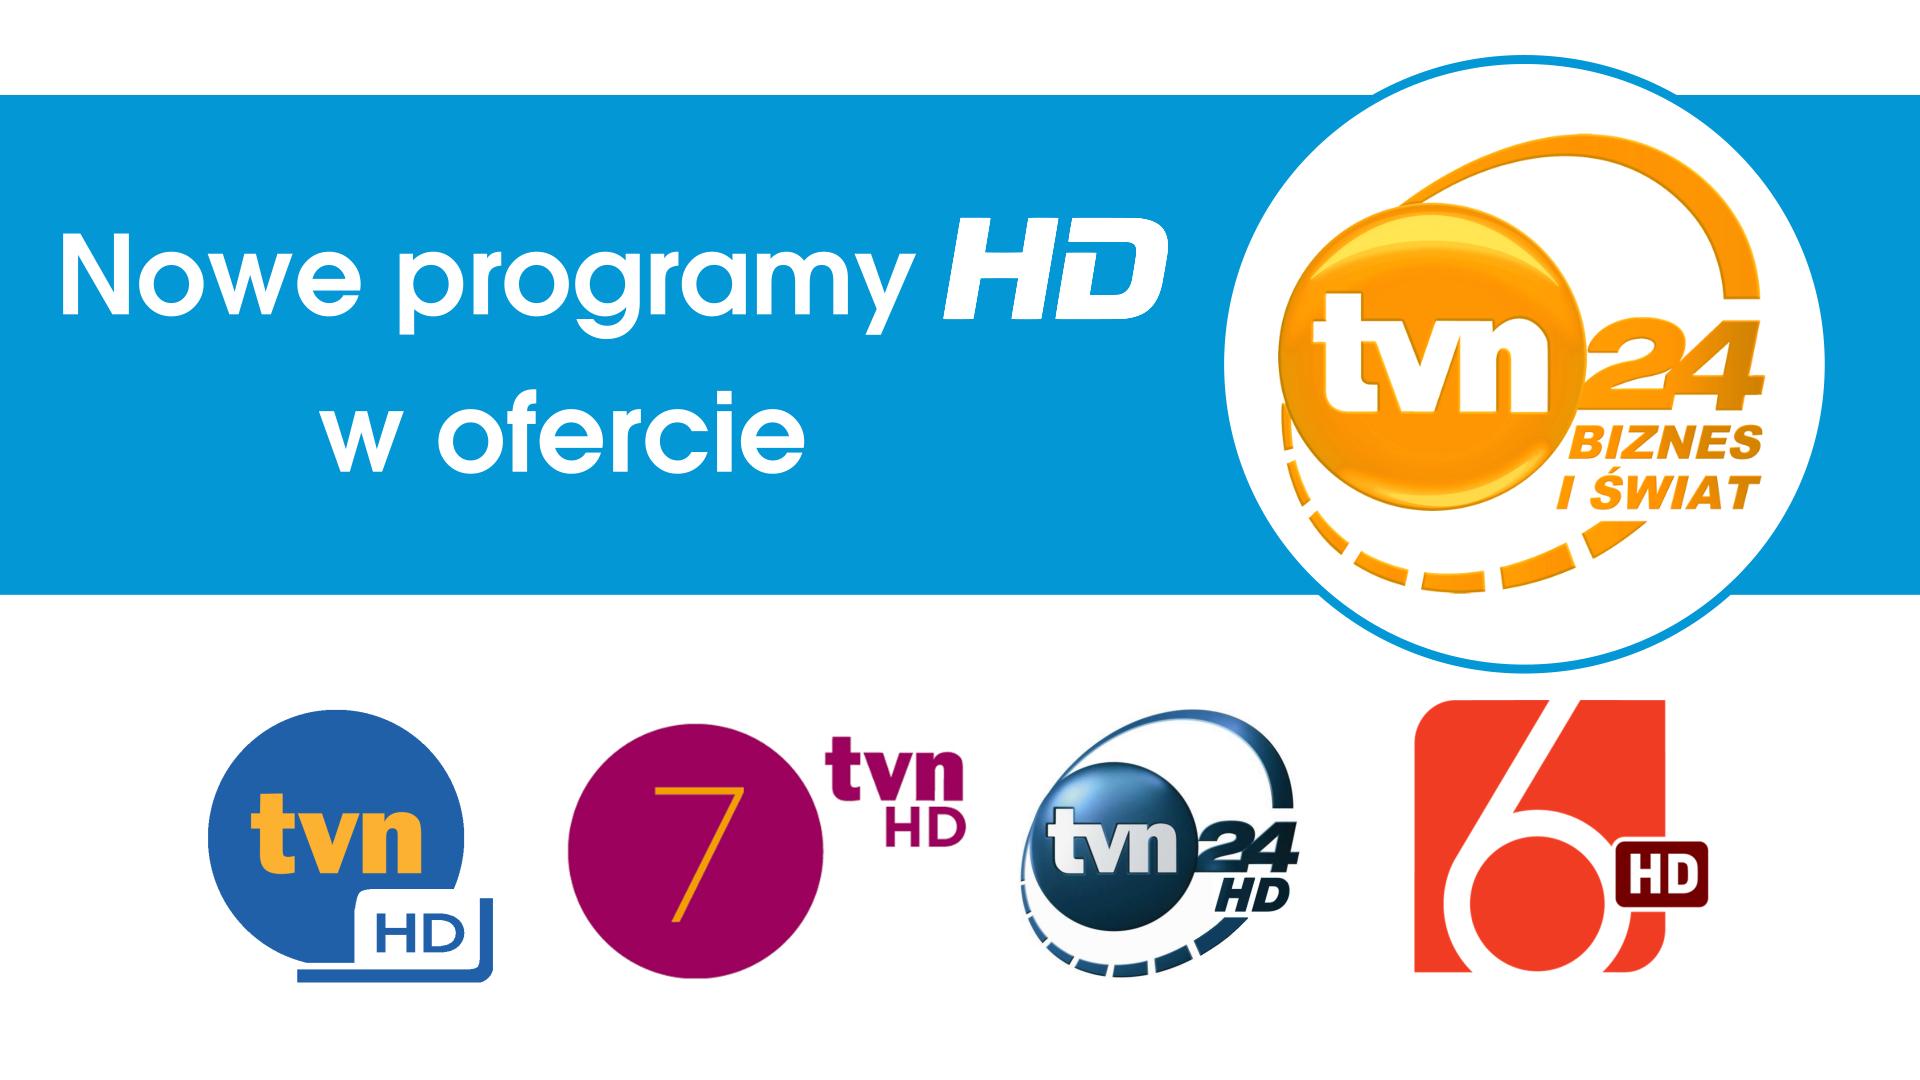 Nowe programy HD w ofercie.